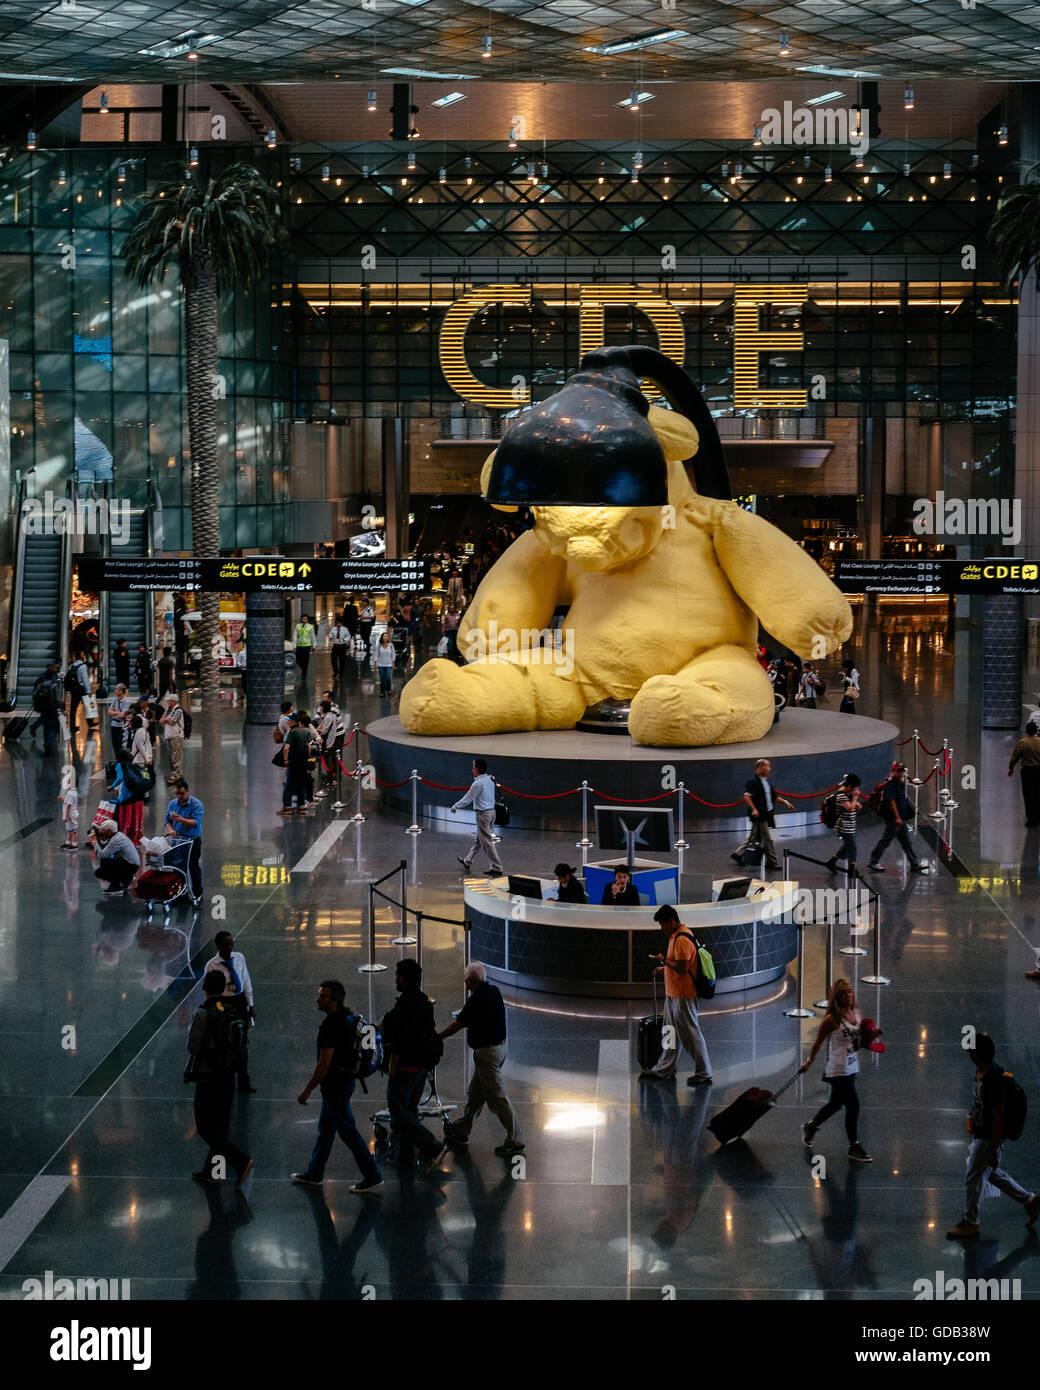 Artiste Urs Fischer's $6.8Million sculture d'un Ours géant à l'Aéroport International Hamad, Doha. Banque D'Images